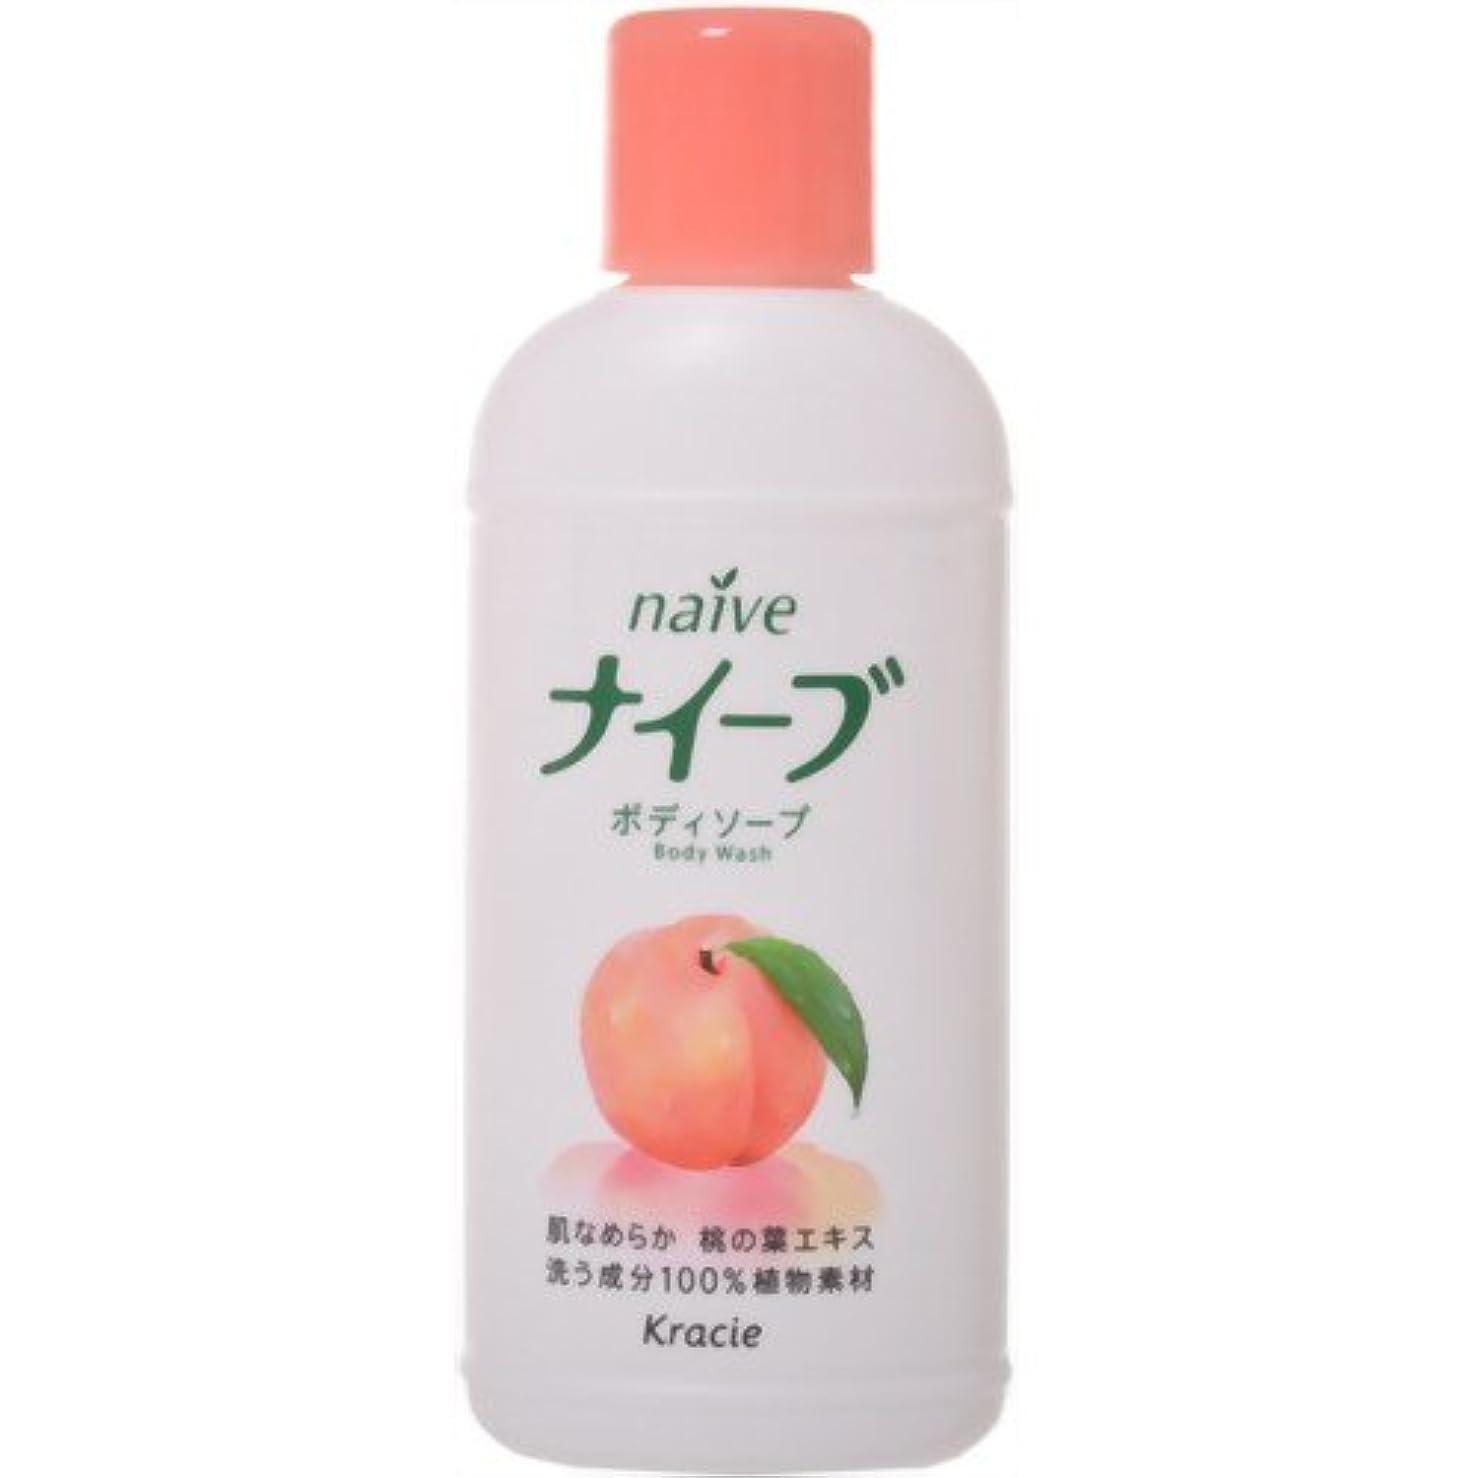 中で衰える常識ナイーブボディソープ桃の葉ミニ